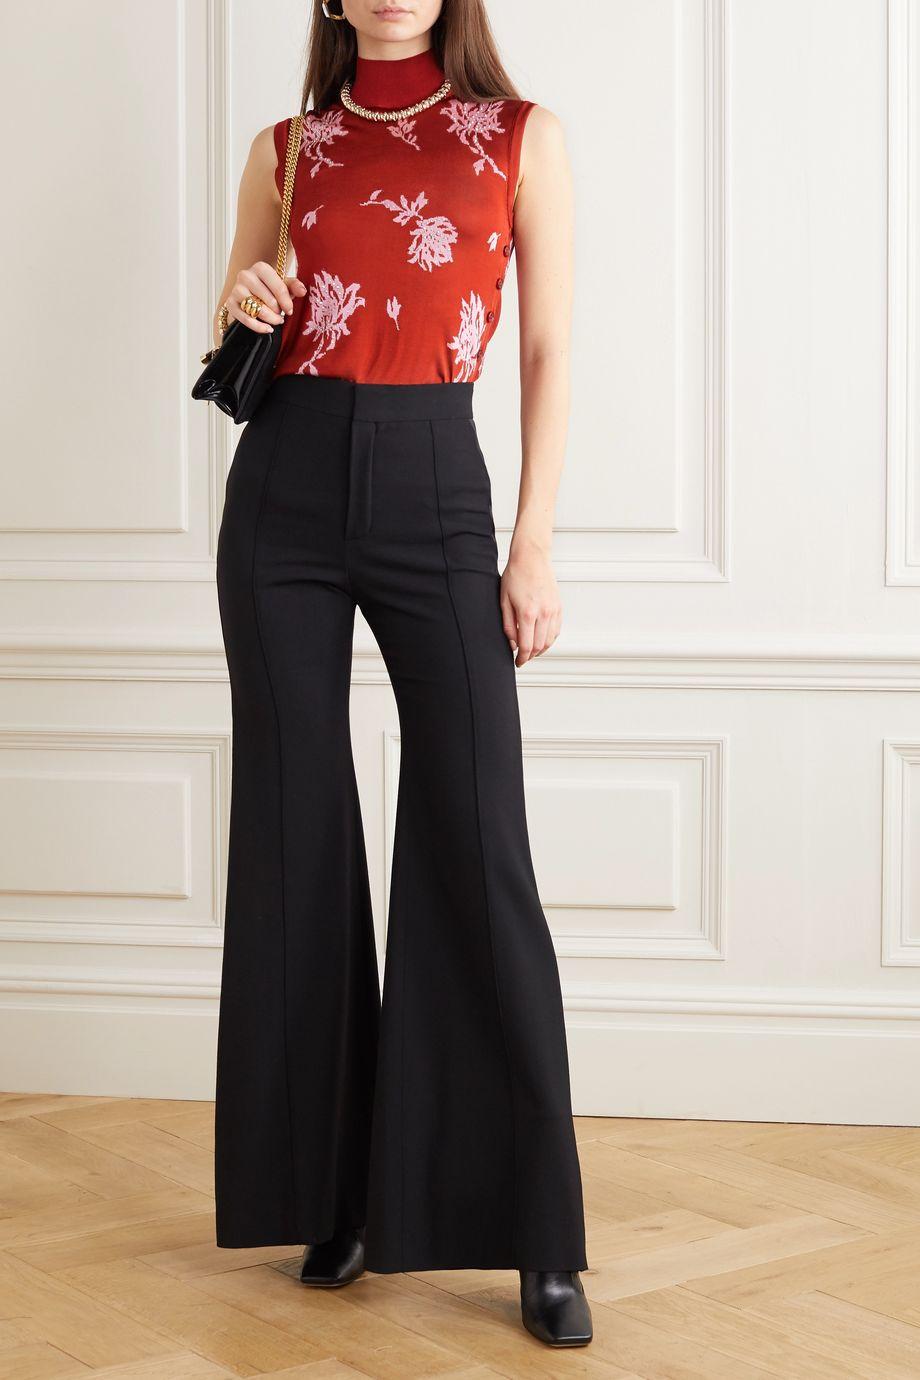 Chloé Crystal-embellished floral-jacquard top